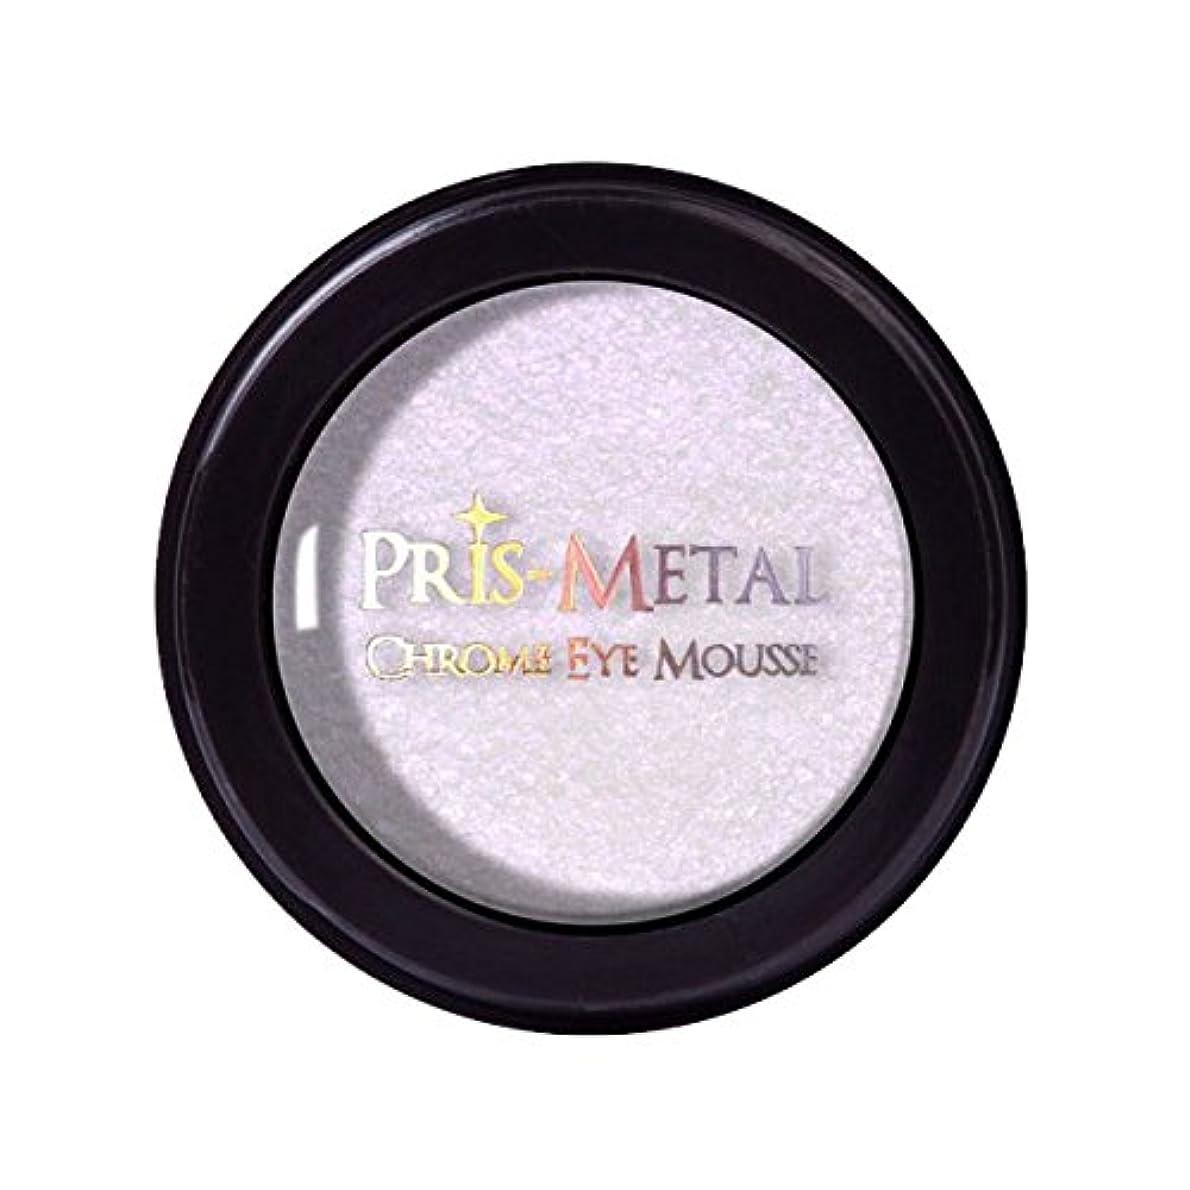 副サークル彼女の(3 Pack) J. CAT BEAUTY Pris-Metal Chrome Eye Mousse - Pinky Promise (並行輸入品)